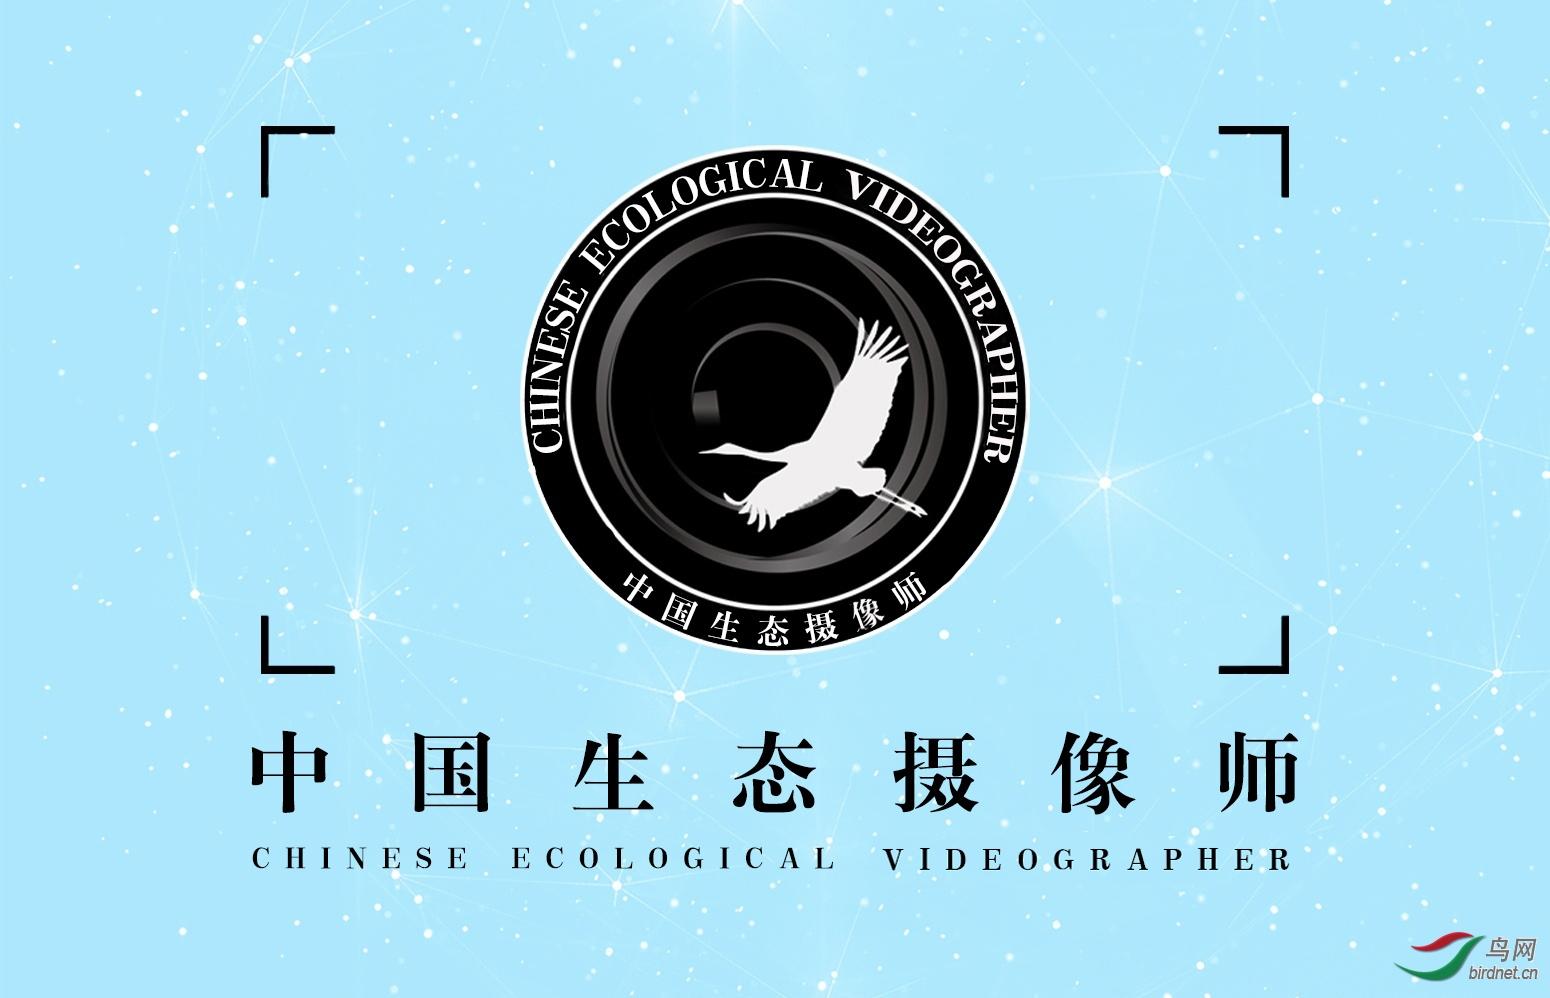 中国生态摄像师.jpg